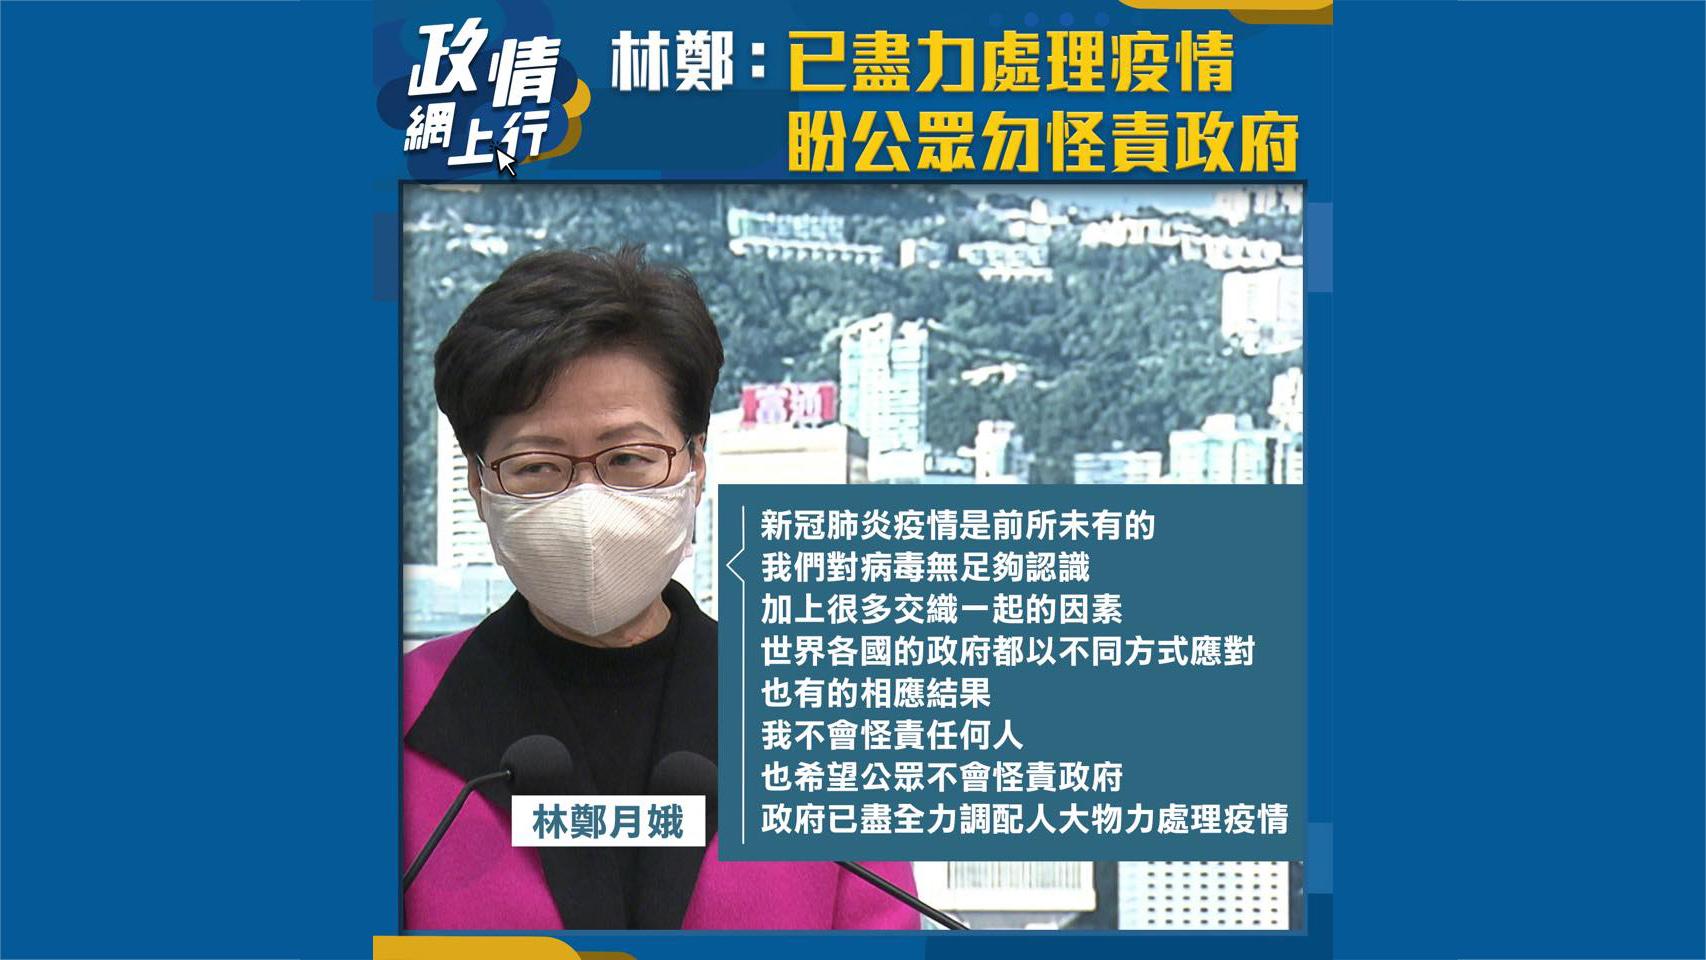 【政情網上行】林鄭:已盡力處理疫情 盼公眾勿怪責政府